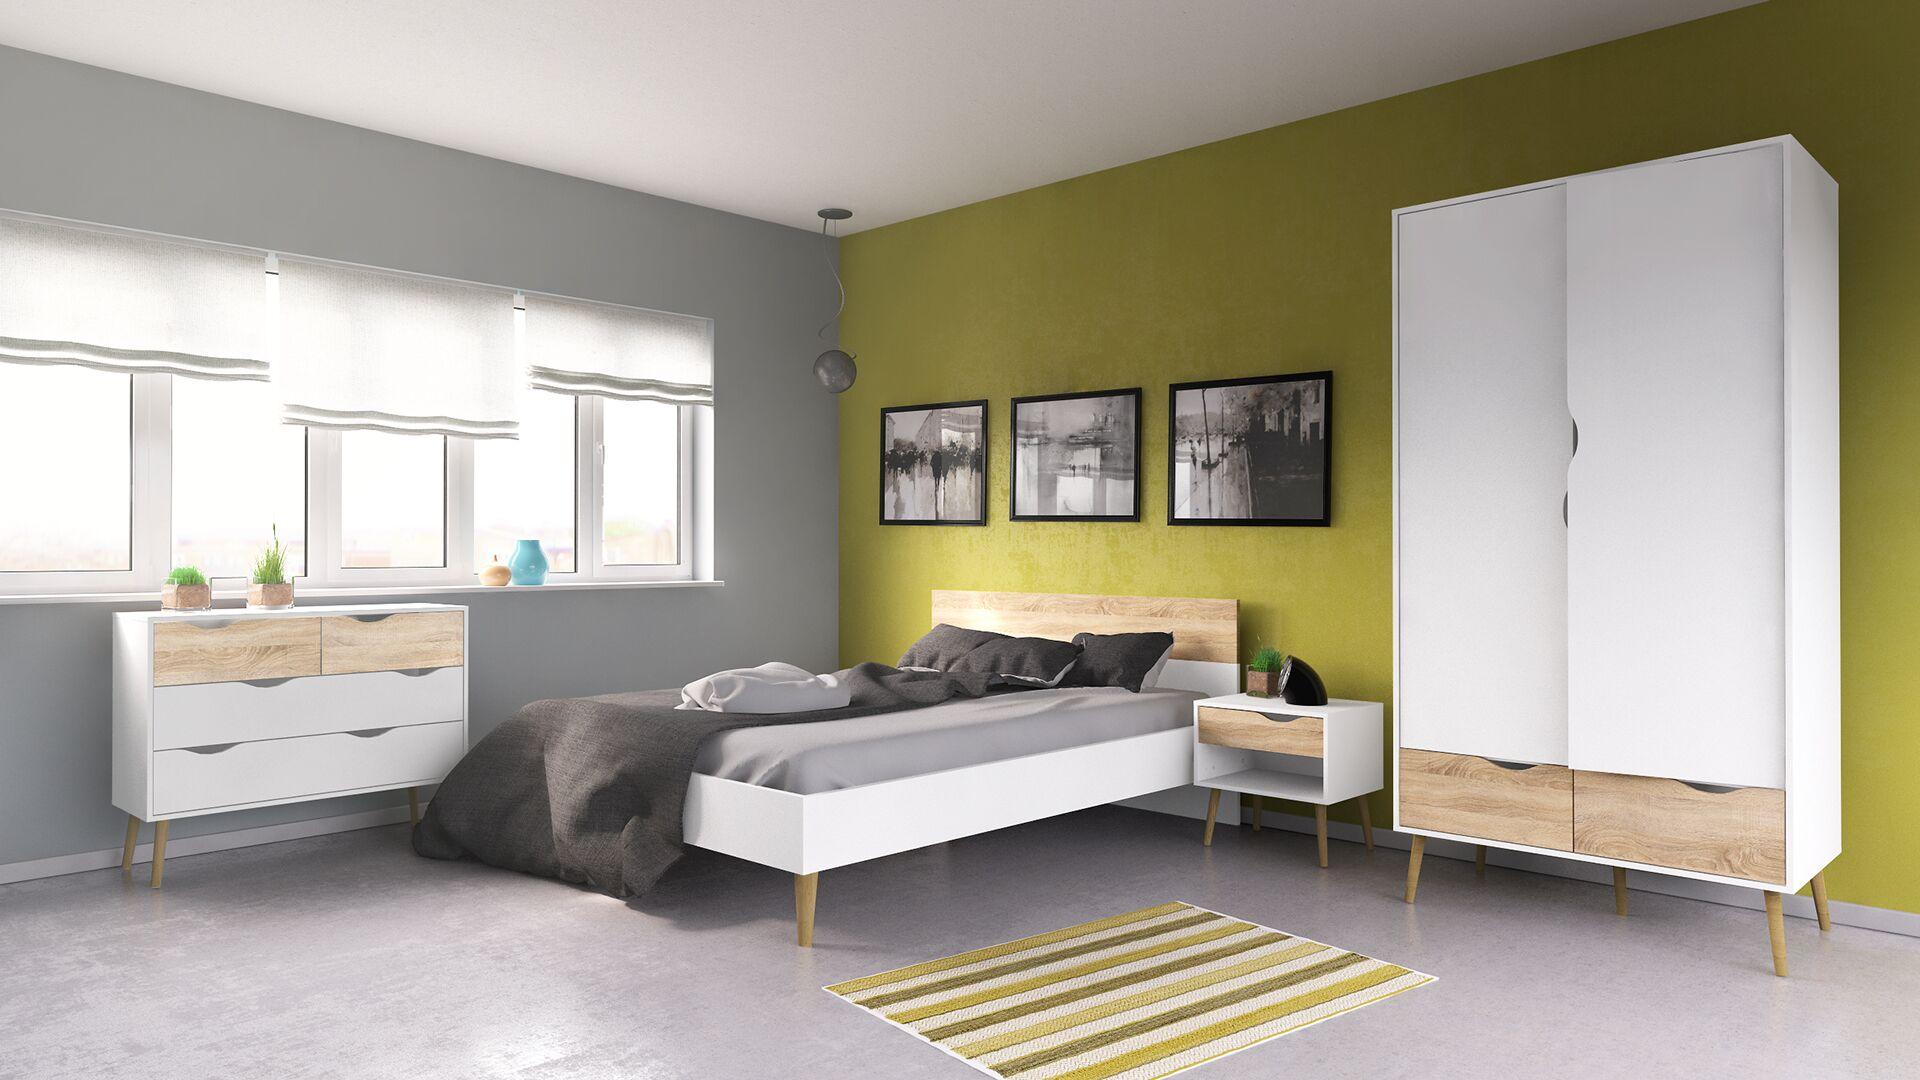 Mateer Queen Panel Configurable Bedroom Set